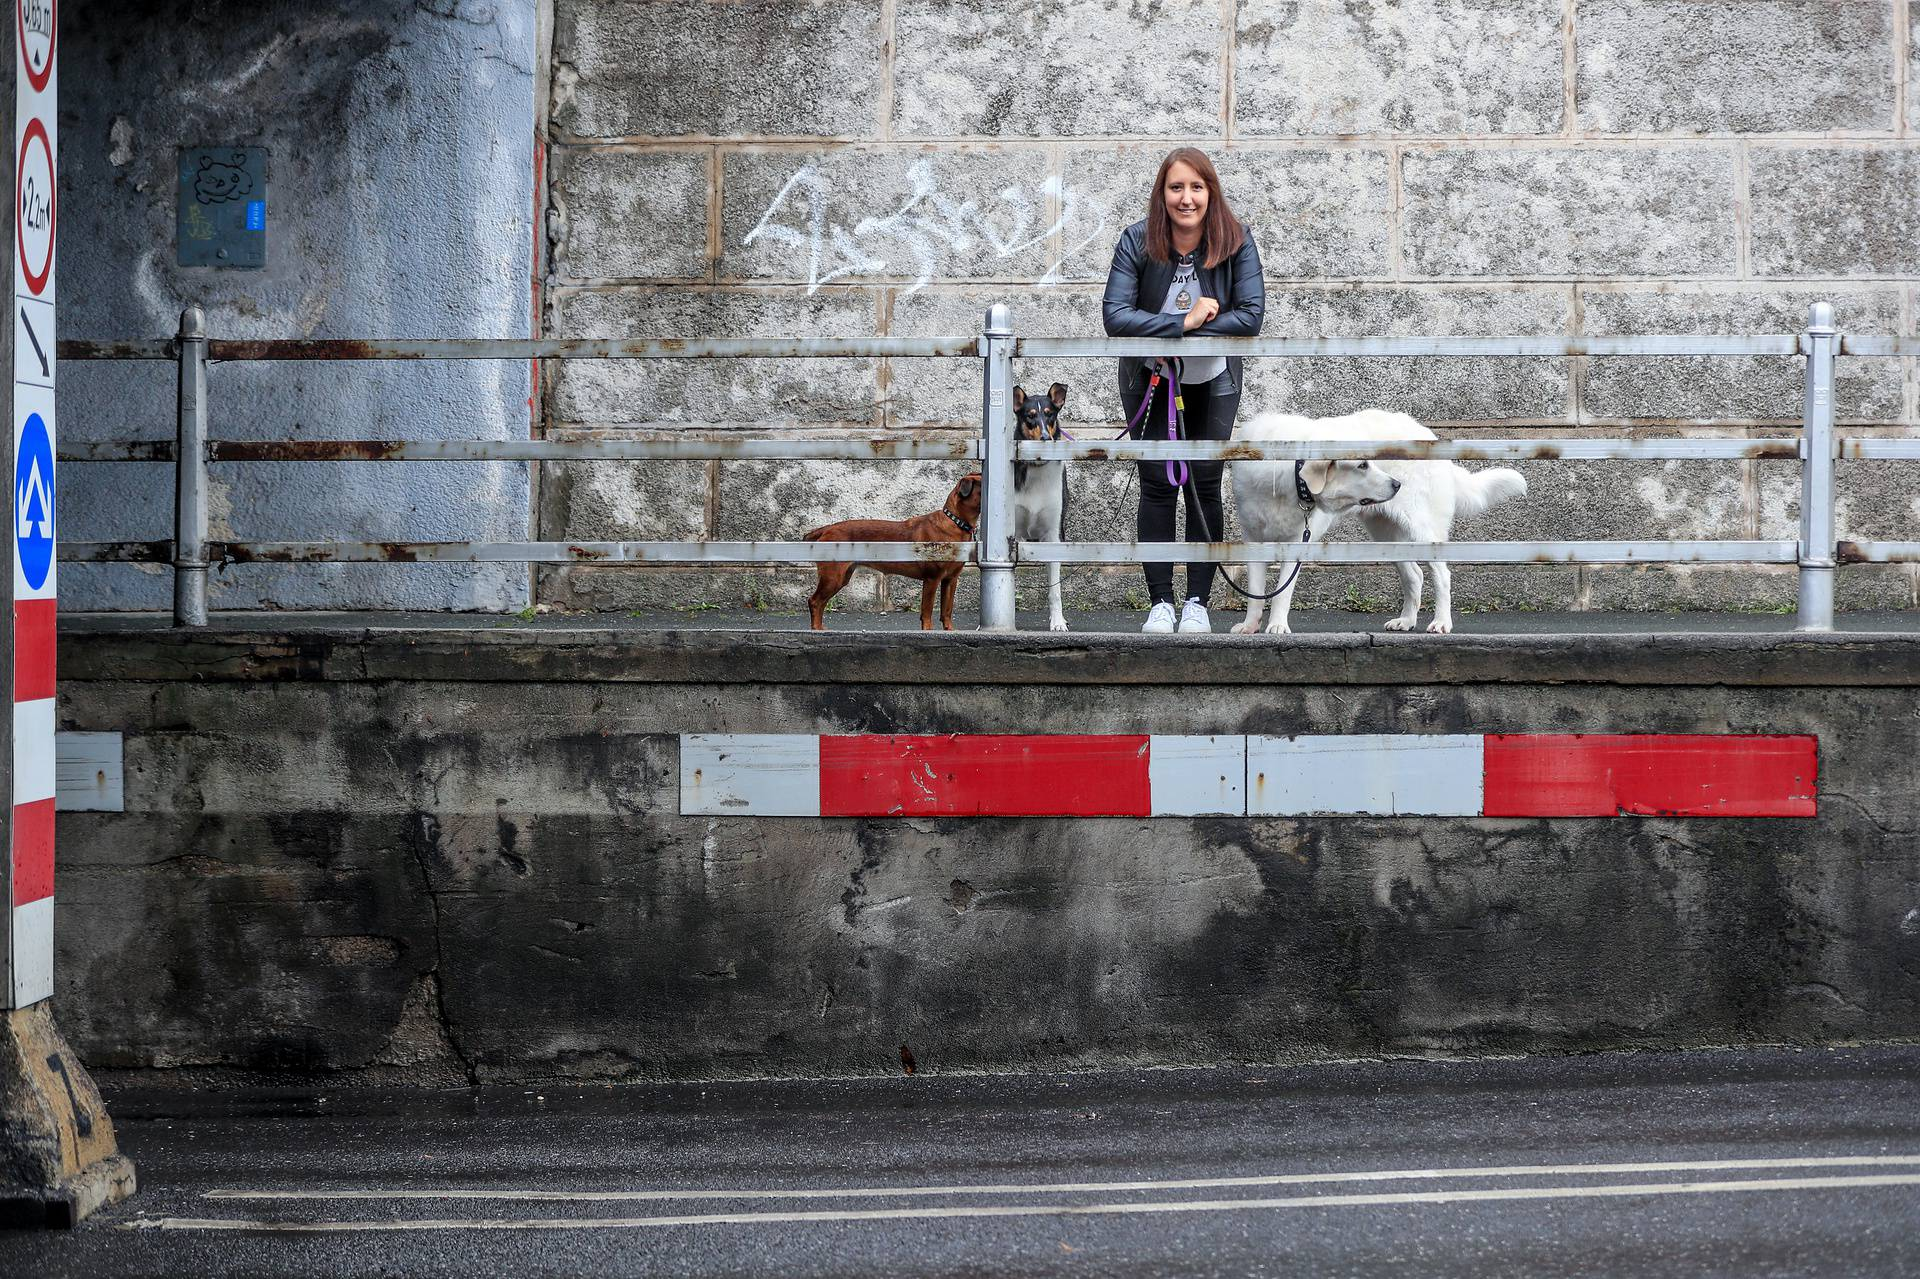 'Ako netko poznaje Zoranu, nek joj kaže da se javi. Pomogla je u poplavi i zaslužuje veliko hvala'